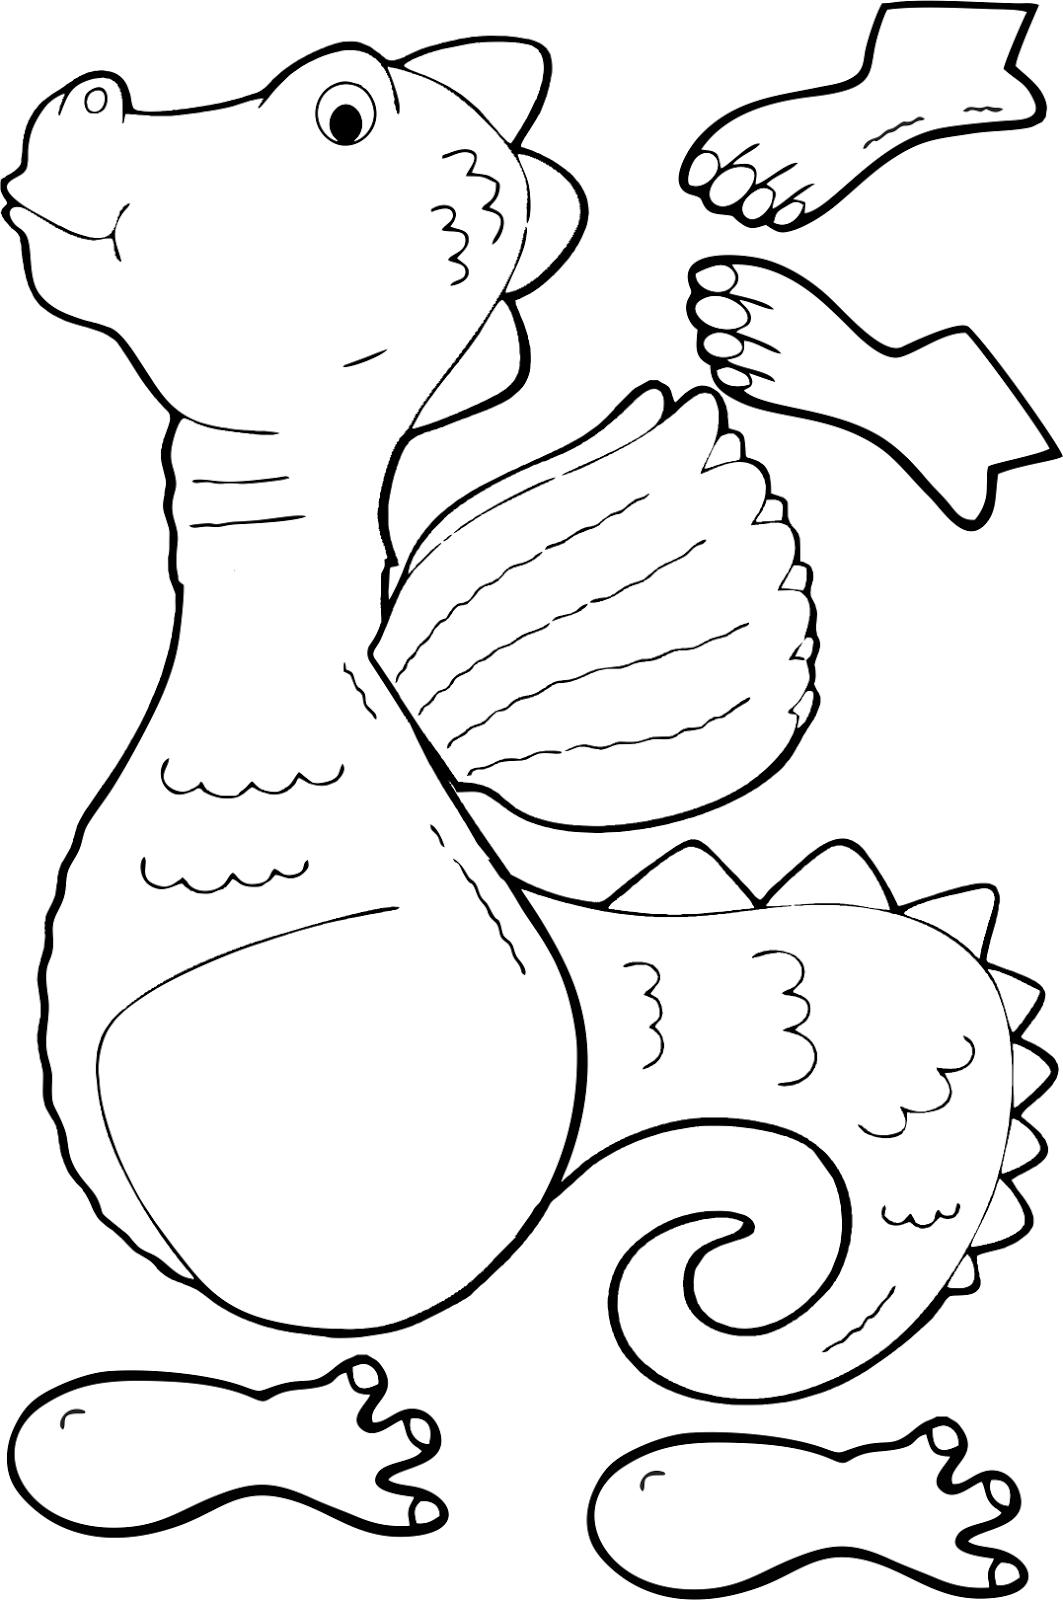 immagini di draghi da colorare per bambini